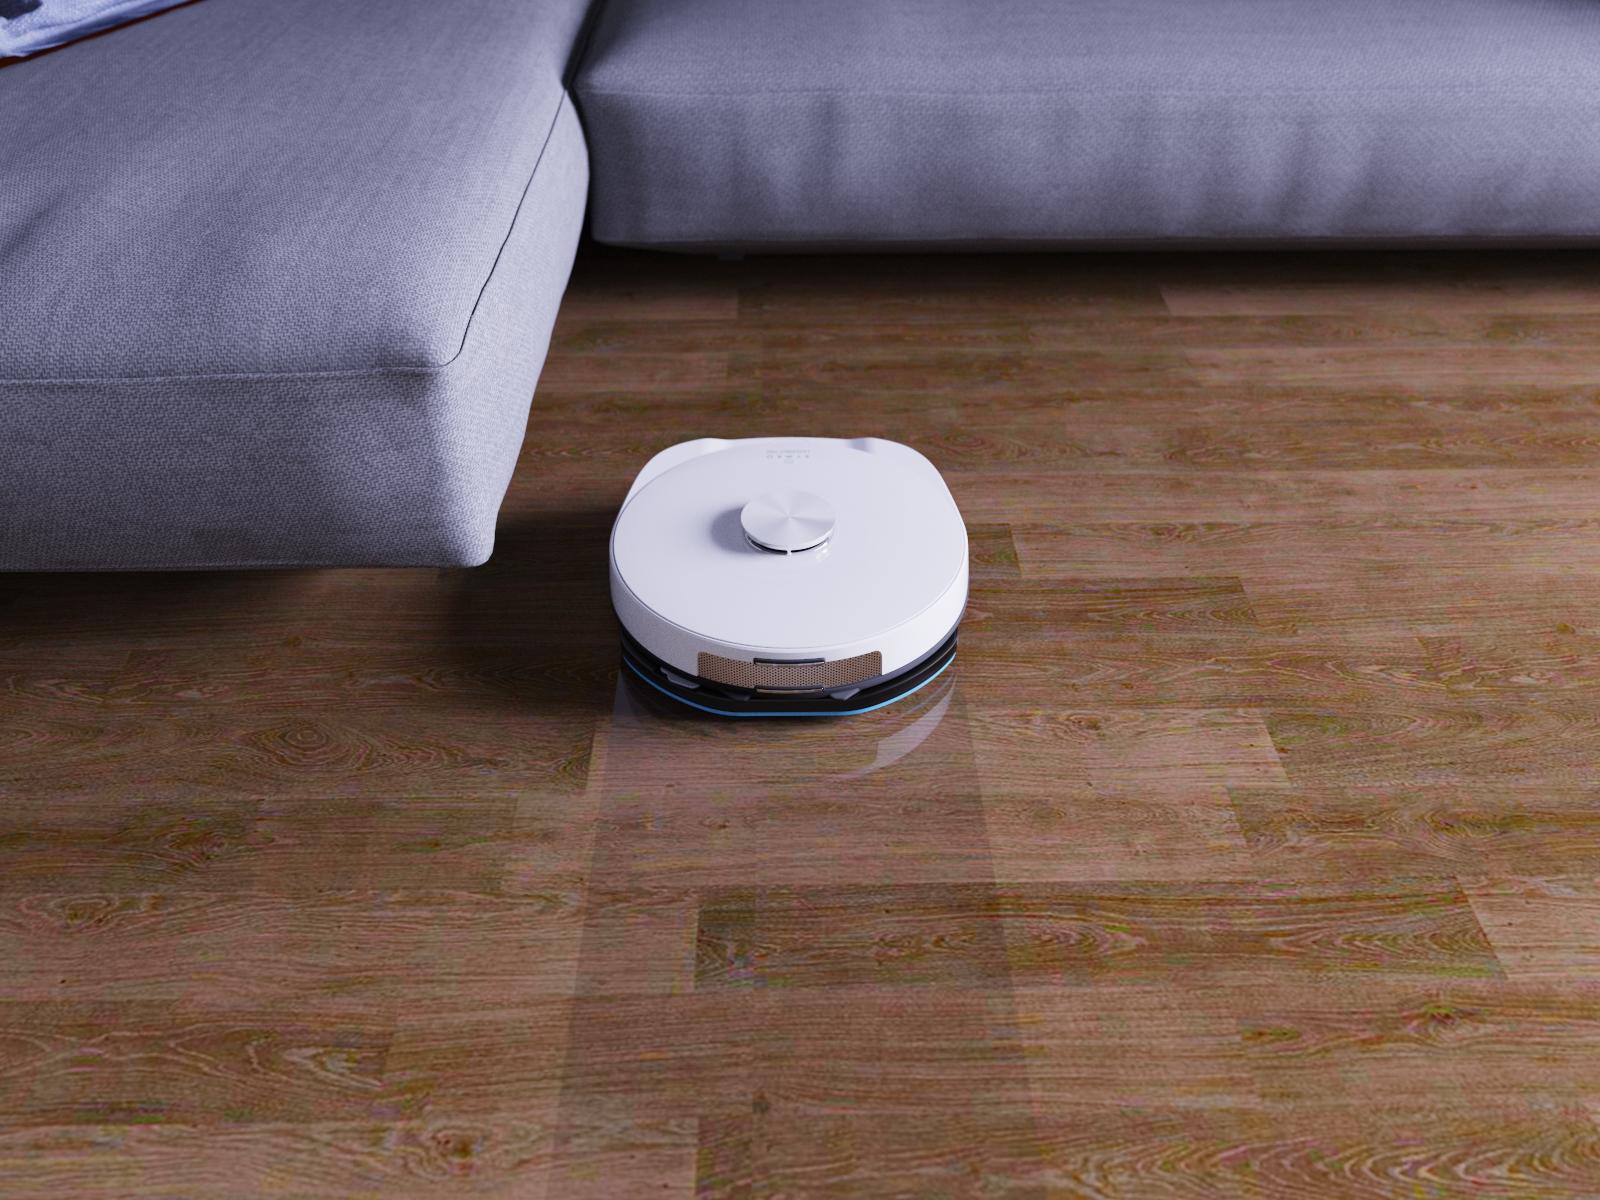 symbot laserbot 750 white mop